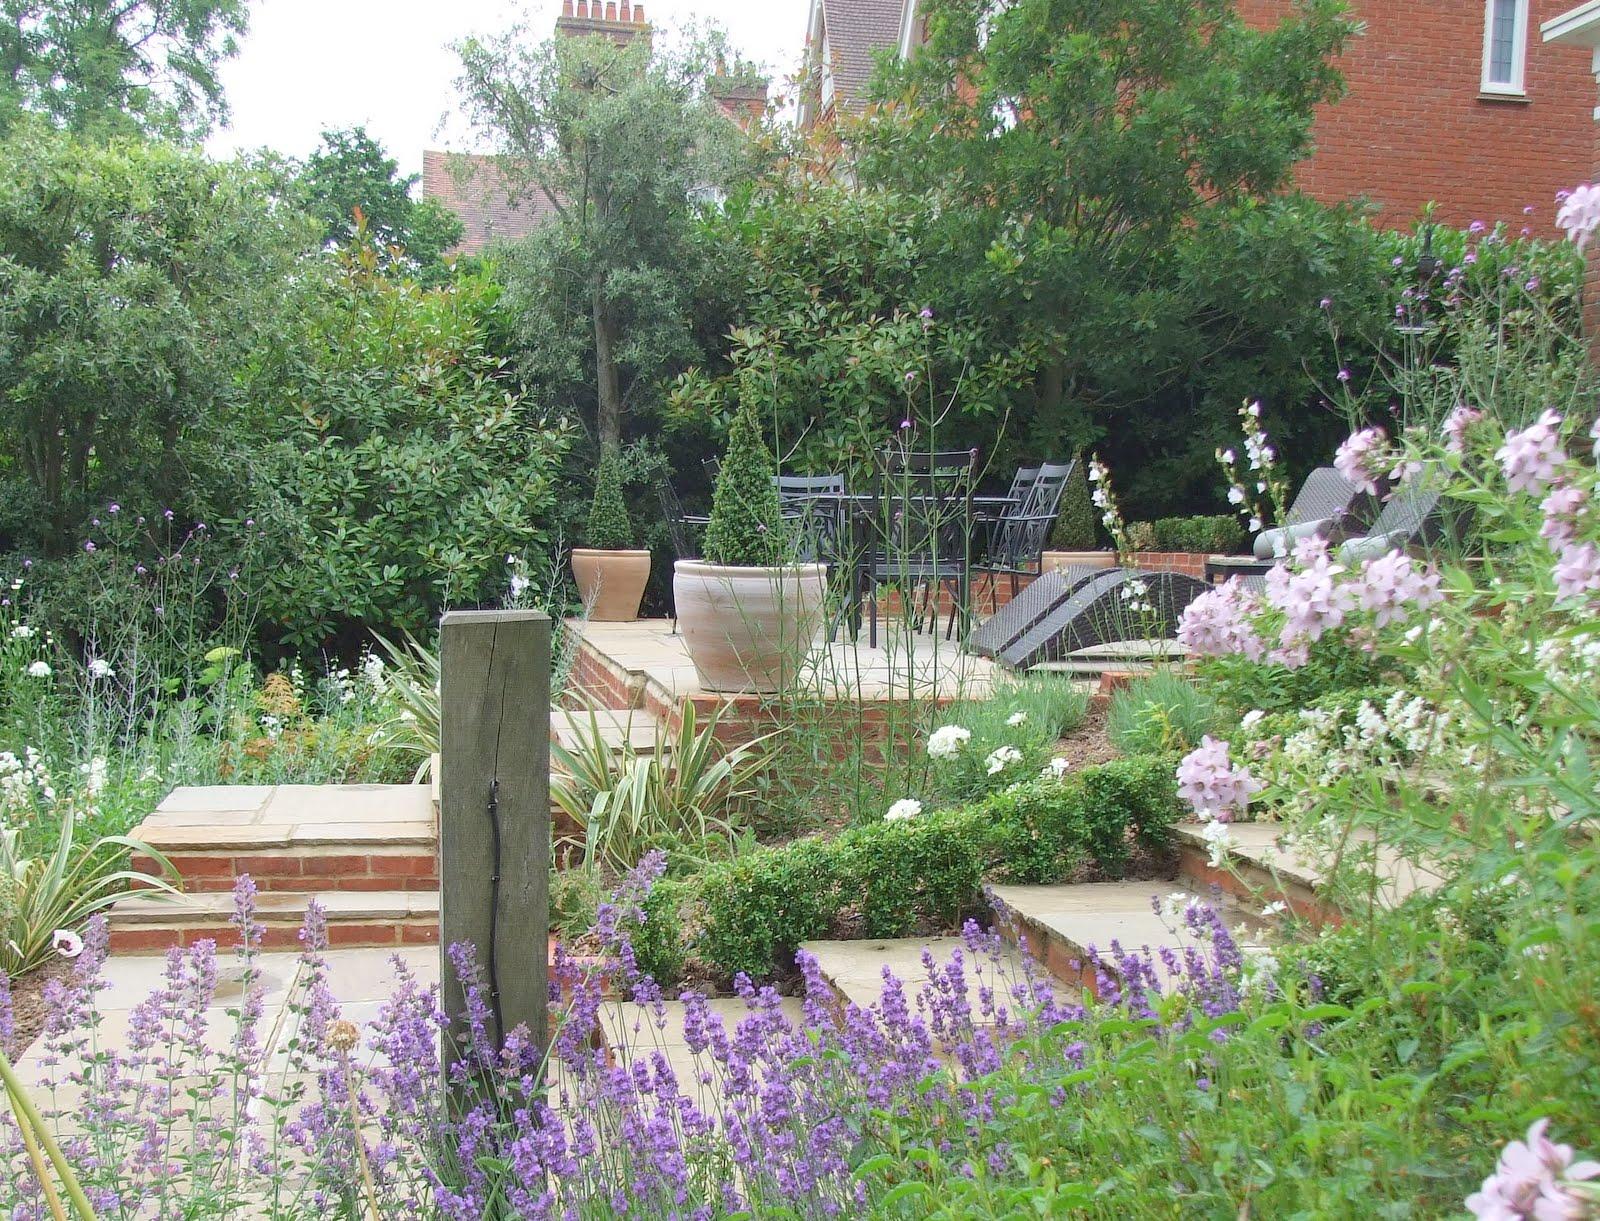 Garden Design & Landscaping - Patio area